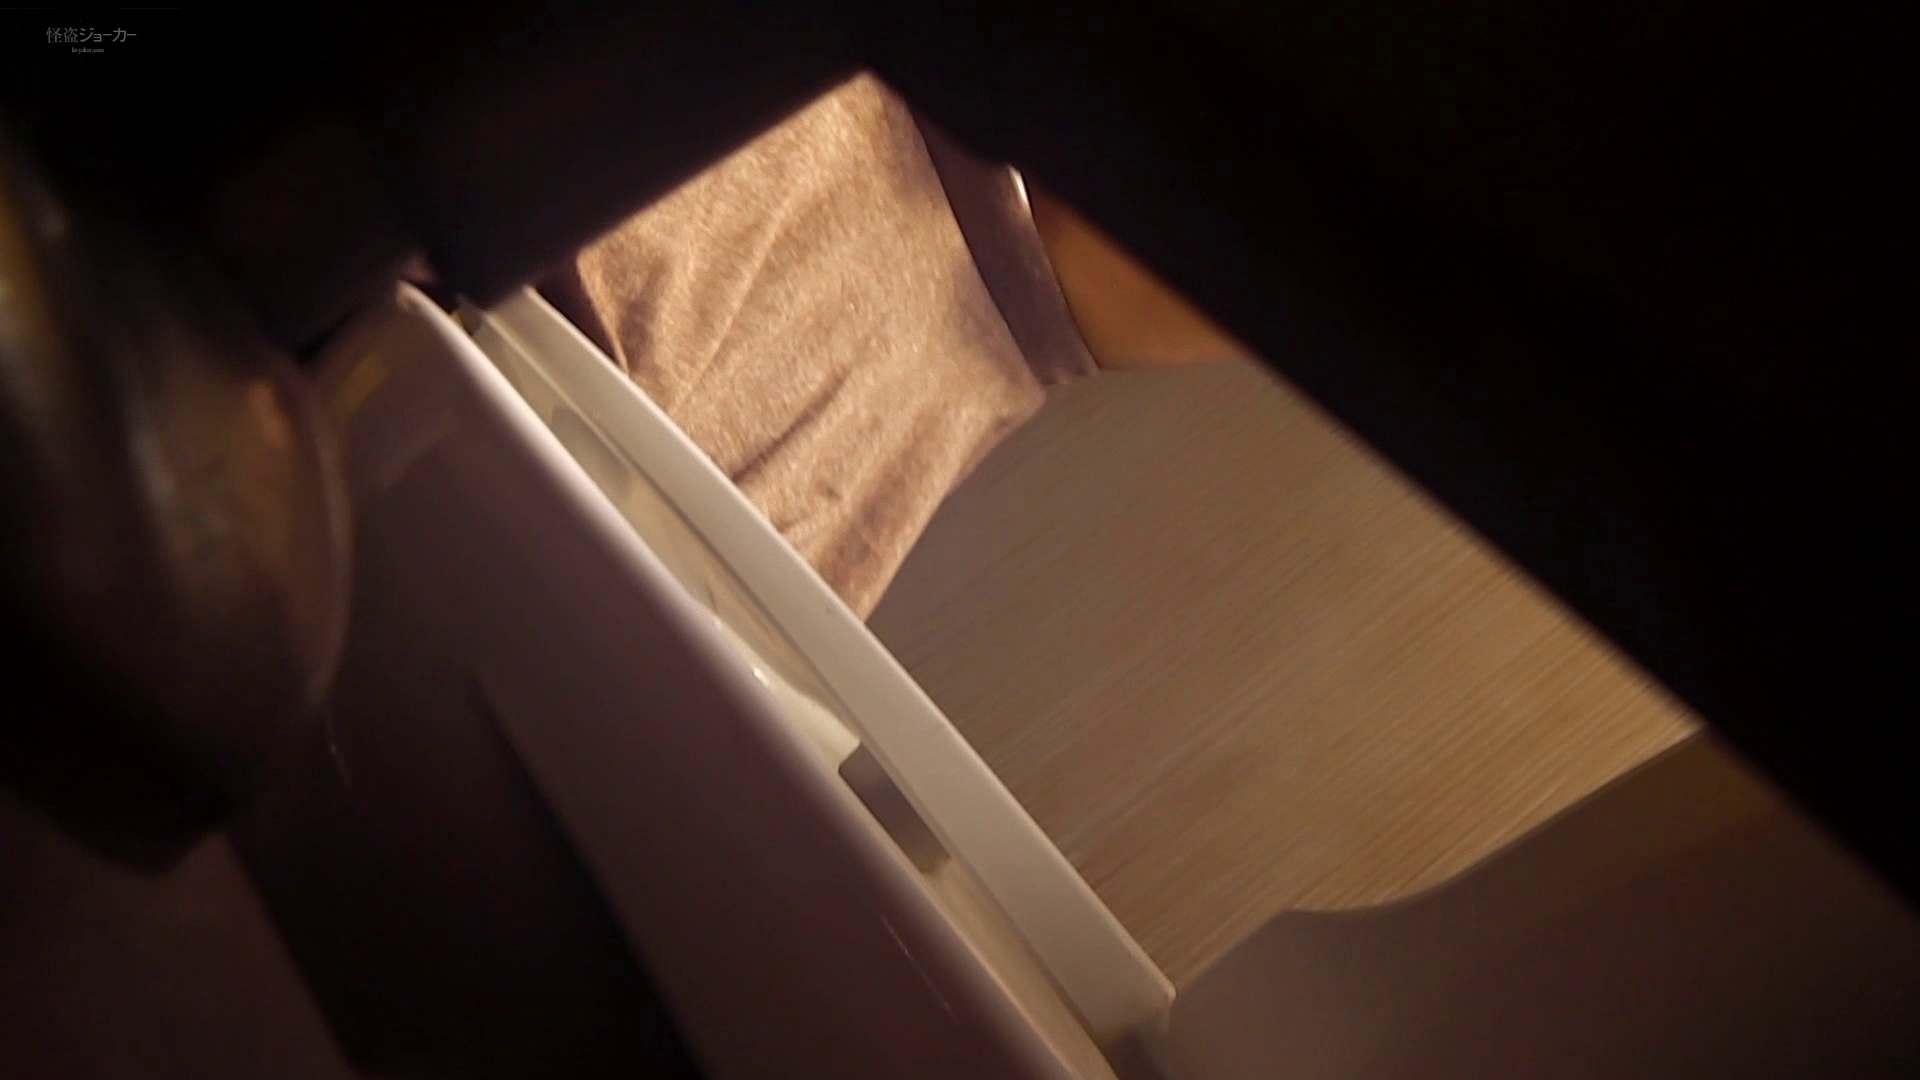 和式洋式七変化 Vol.28 綺麗に撮れました。(ー_ー)!! 和式 | OLの実態  105pic 4